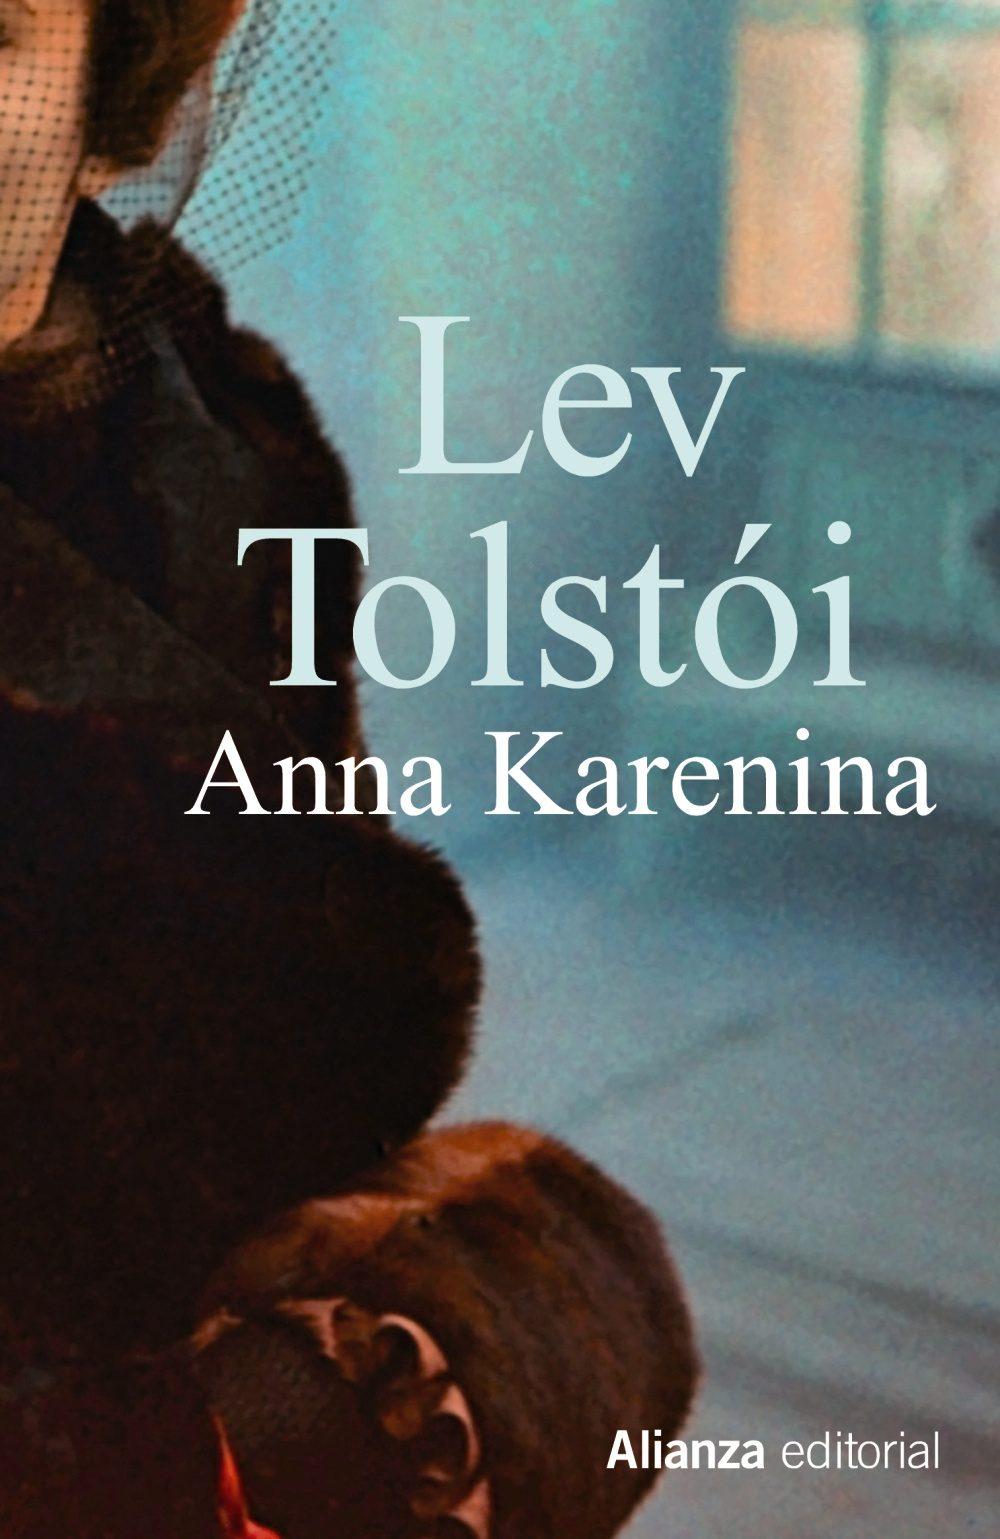 Anna Karenina, una de las joyas de la literatura rusa de todos los tiempos.